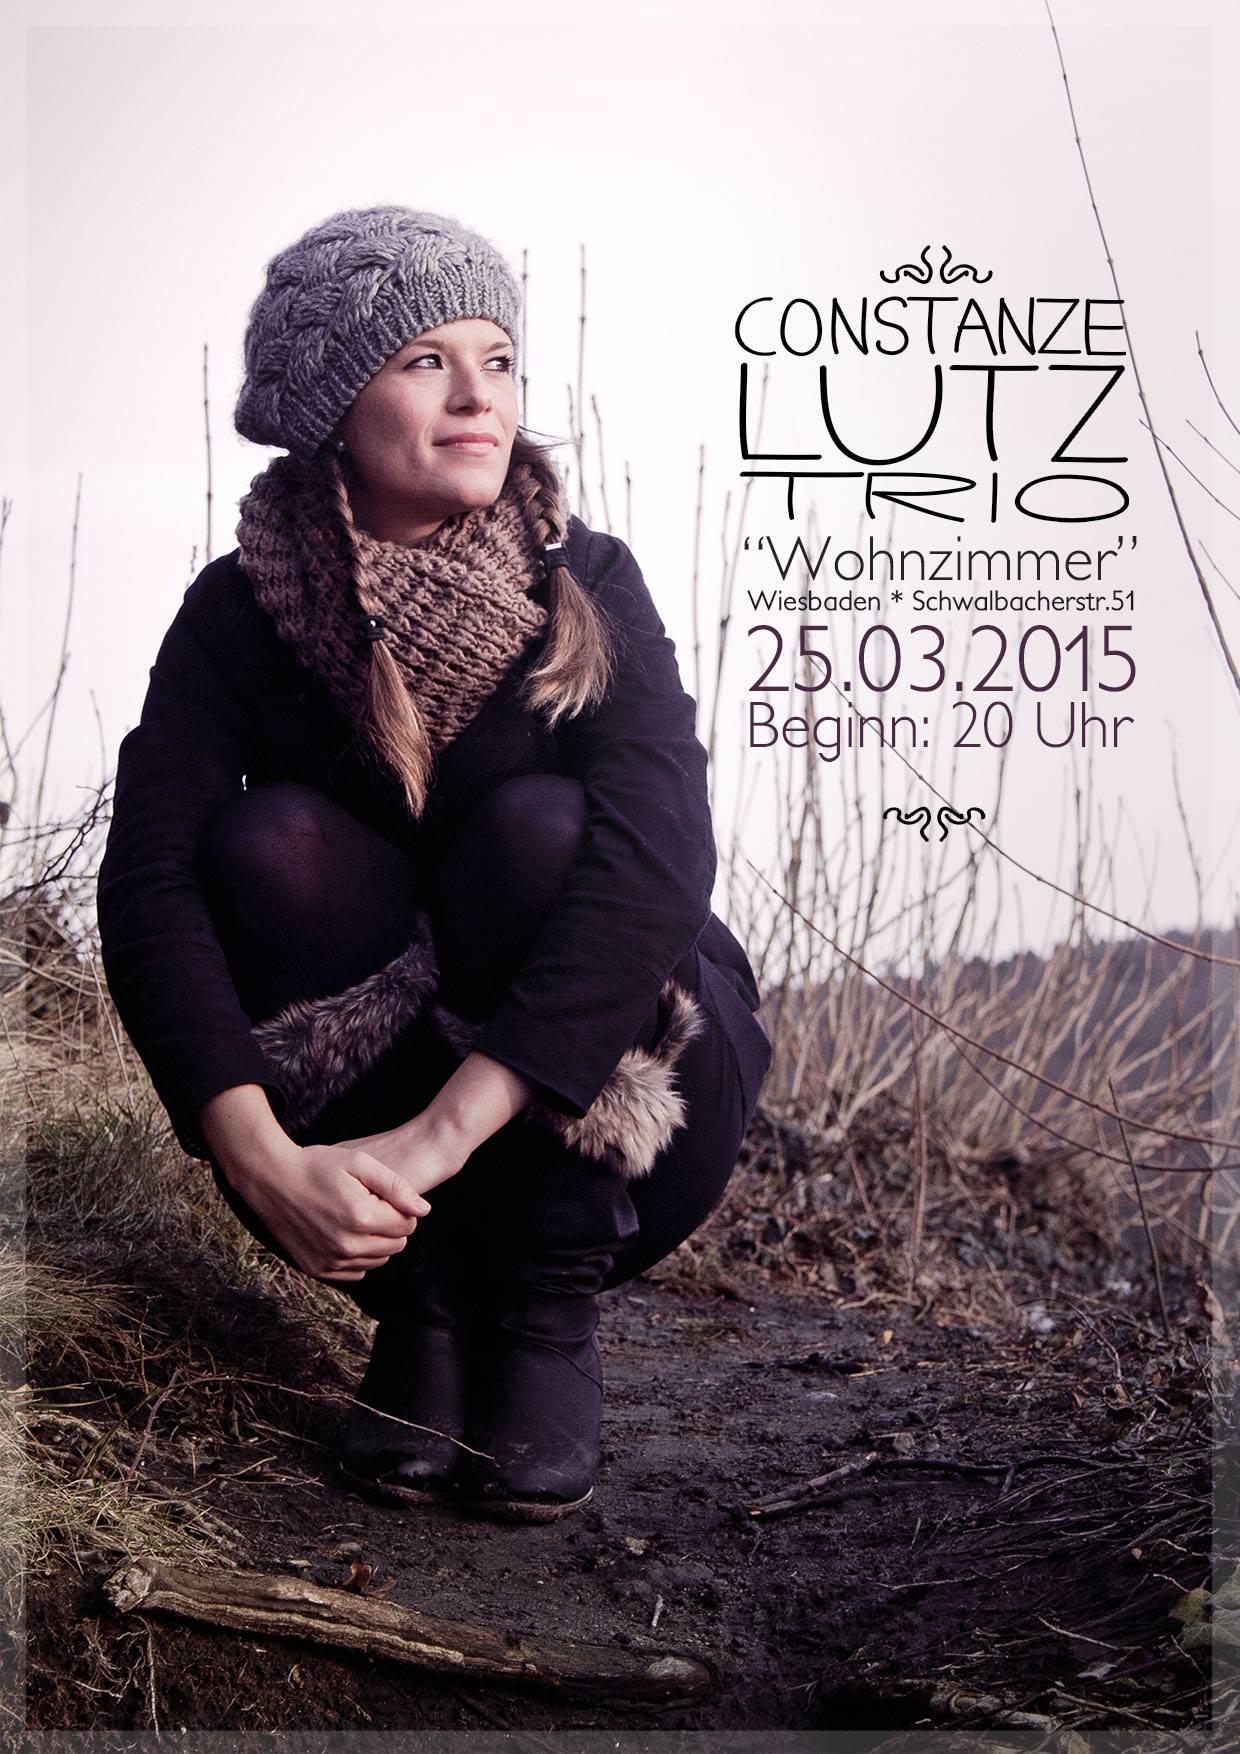 Wundervoller Wohnzimmer Abend Constanze Lutz Trio Spielt Heute Ersten Gig Mit Jam Session Als Zugabe